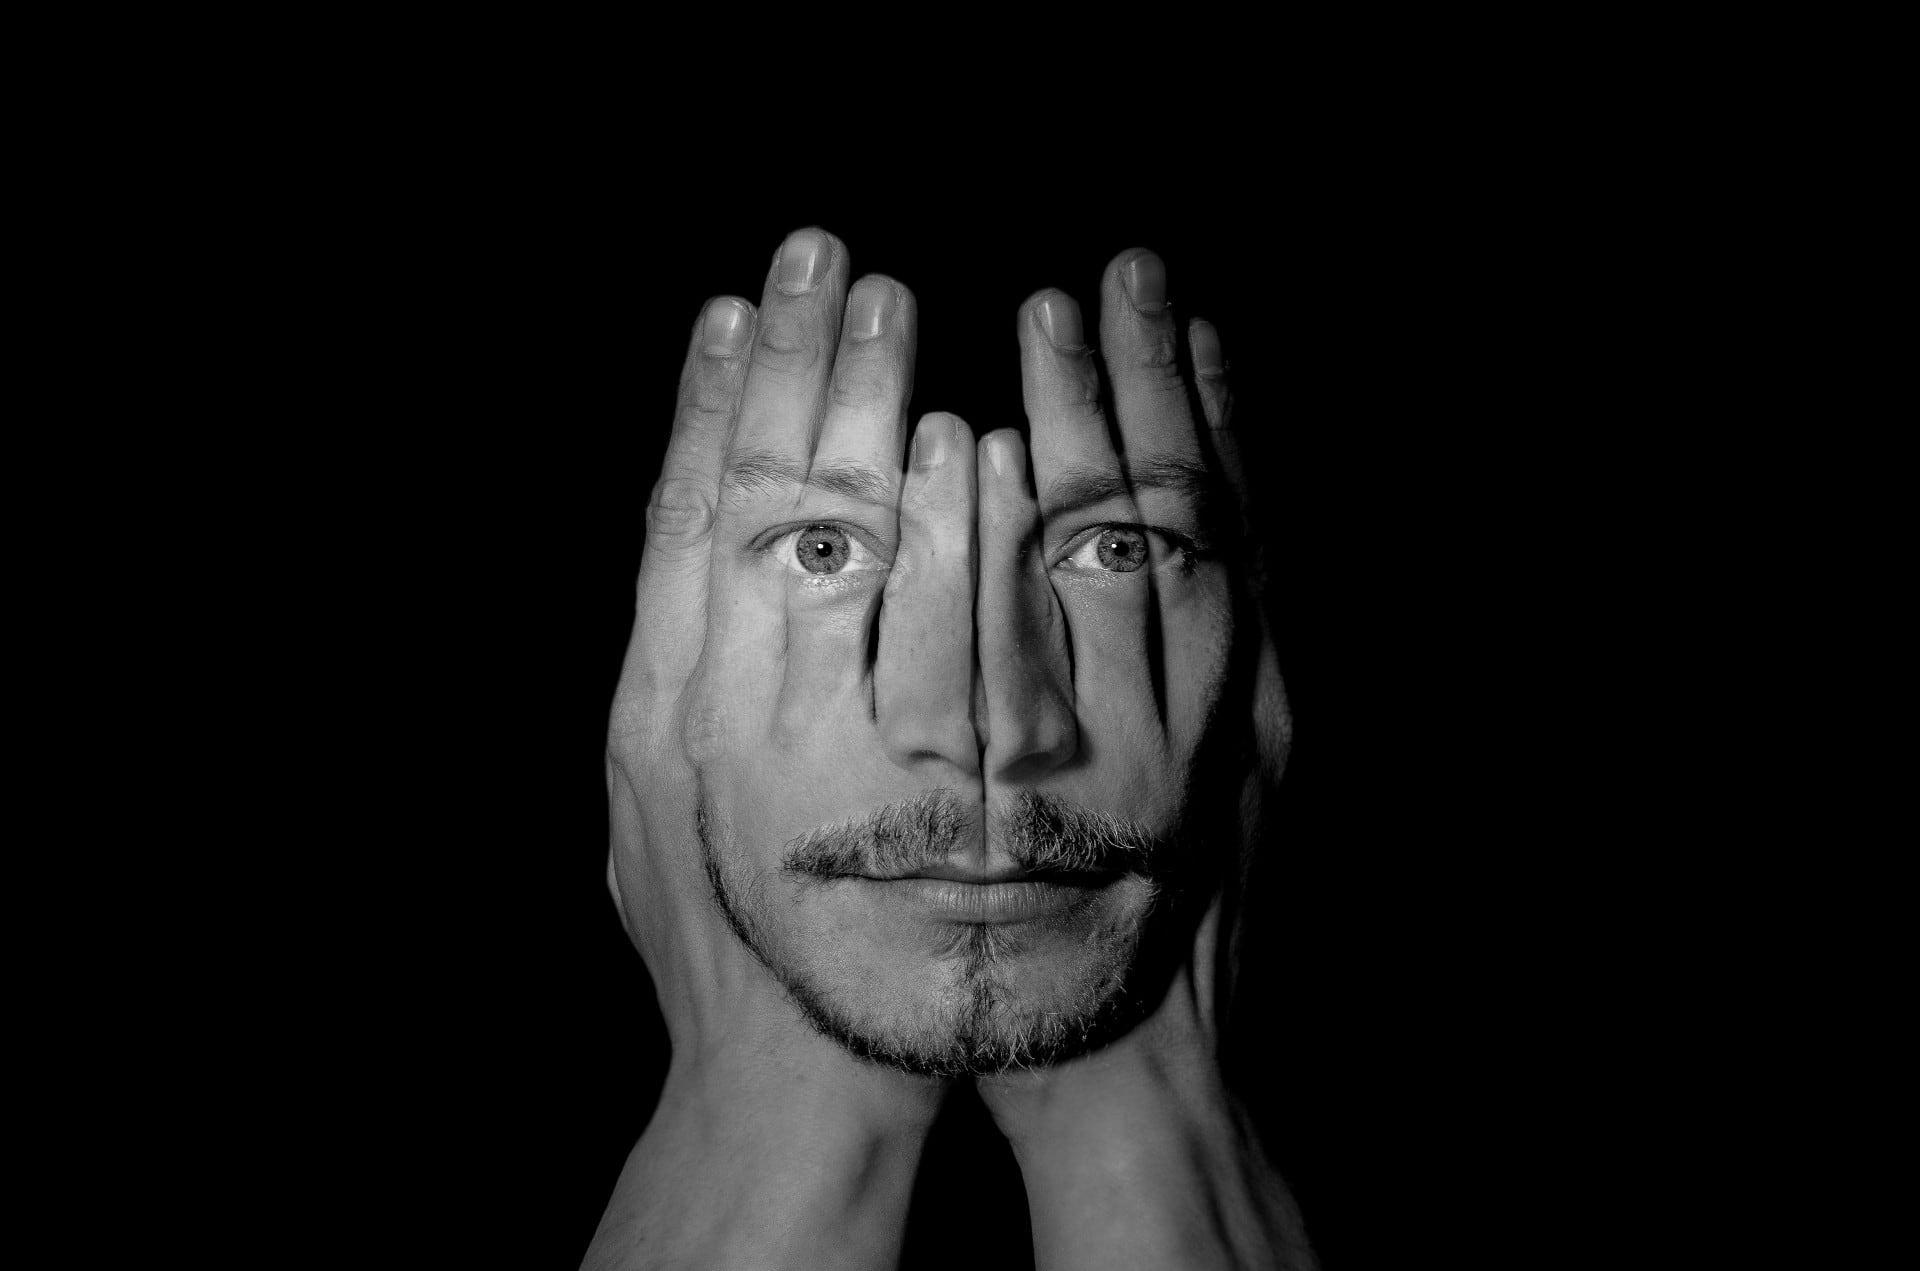 man-gezicht-in-handen-behandelen-handelen